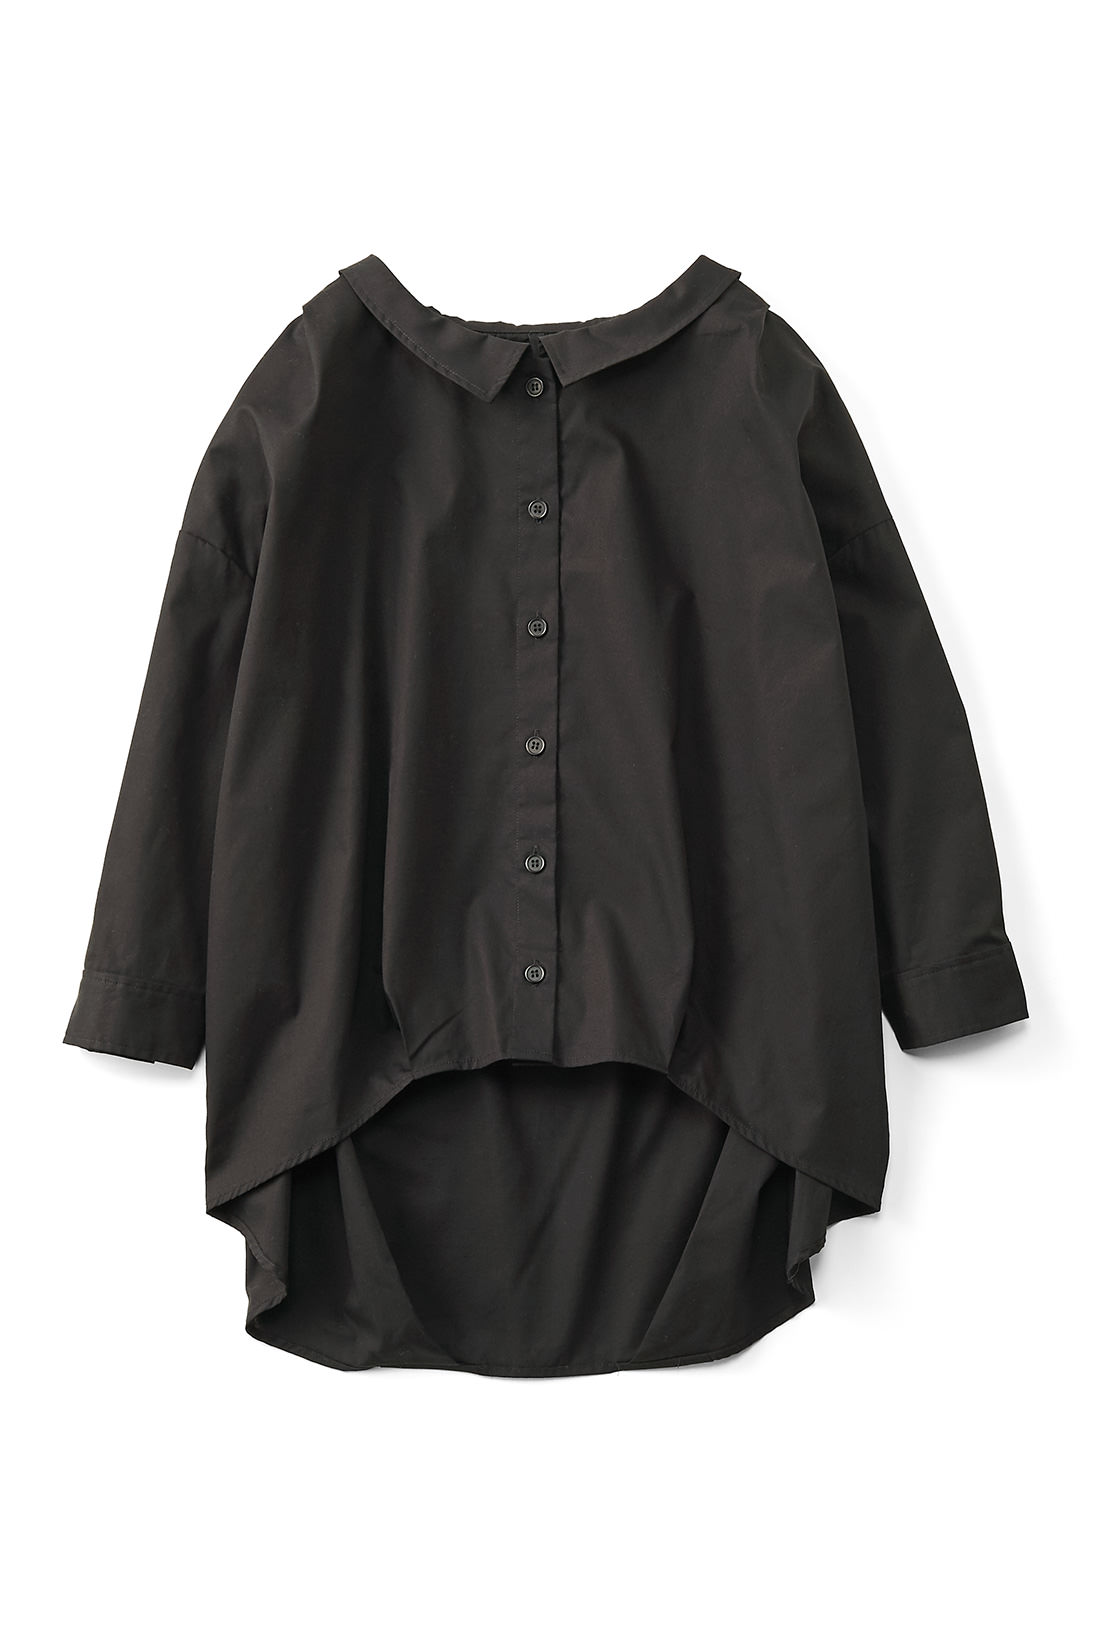 オトナっぽい[ブラック]。たっぷりとした身幅に七分袖がグッドバランス。